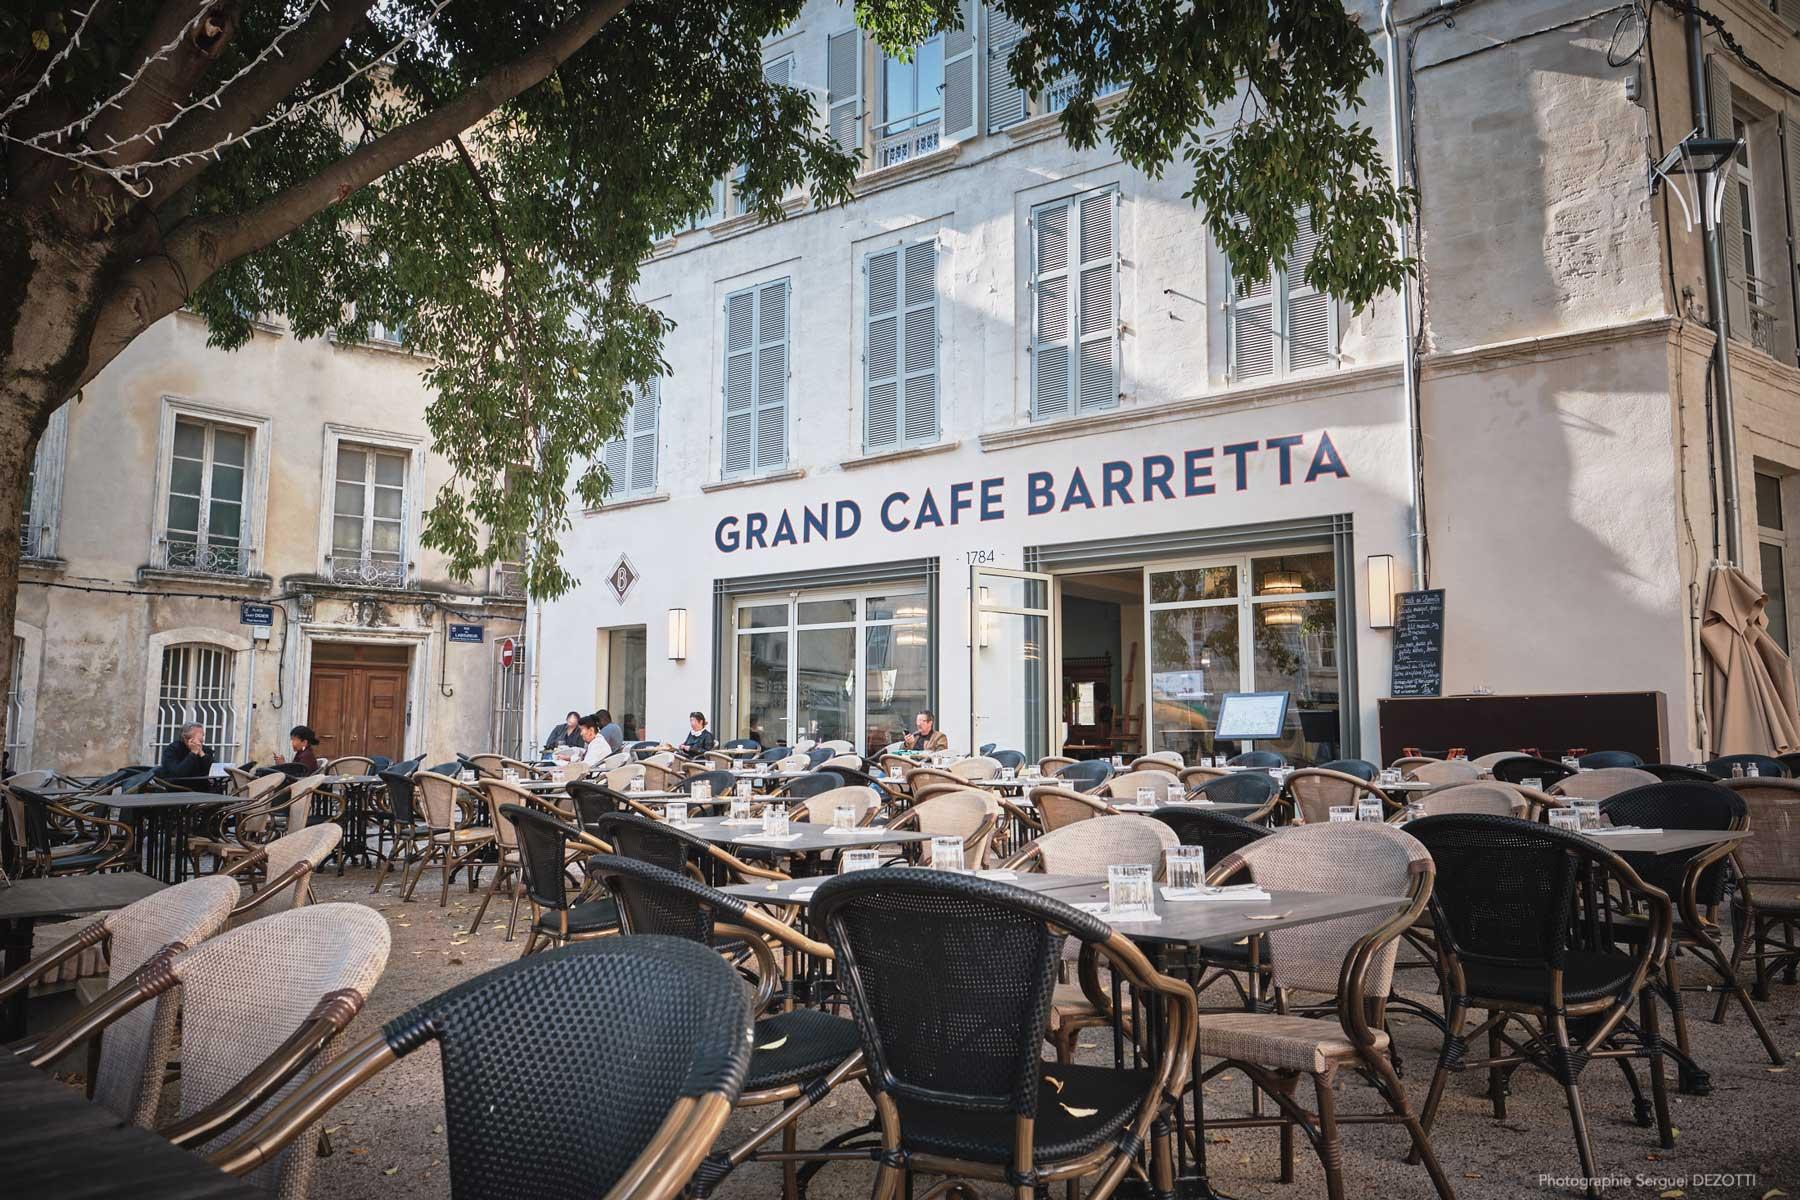 Le Grand Café Barretta